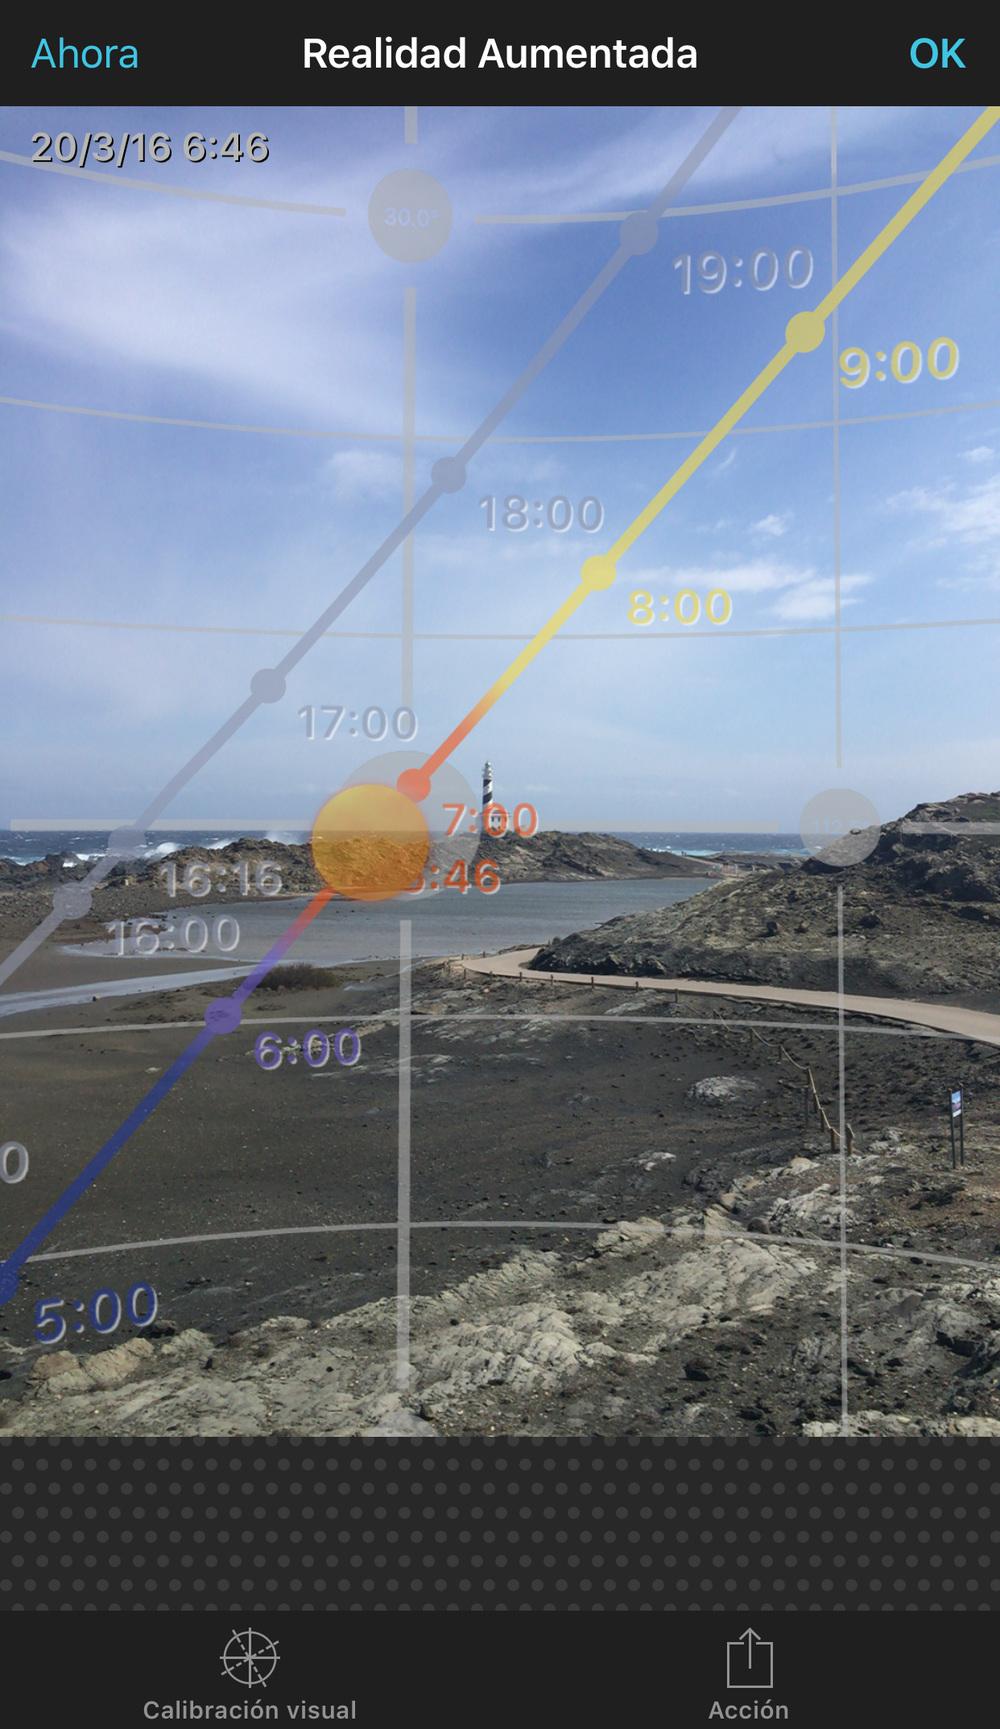 app-direcci[on-rayos-sol.jpg